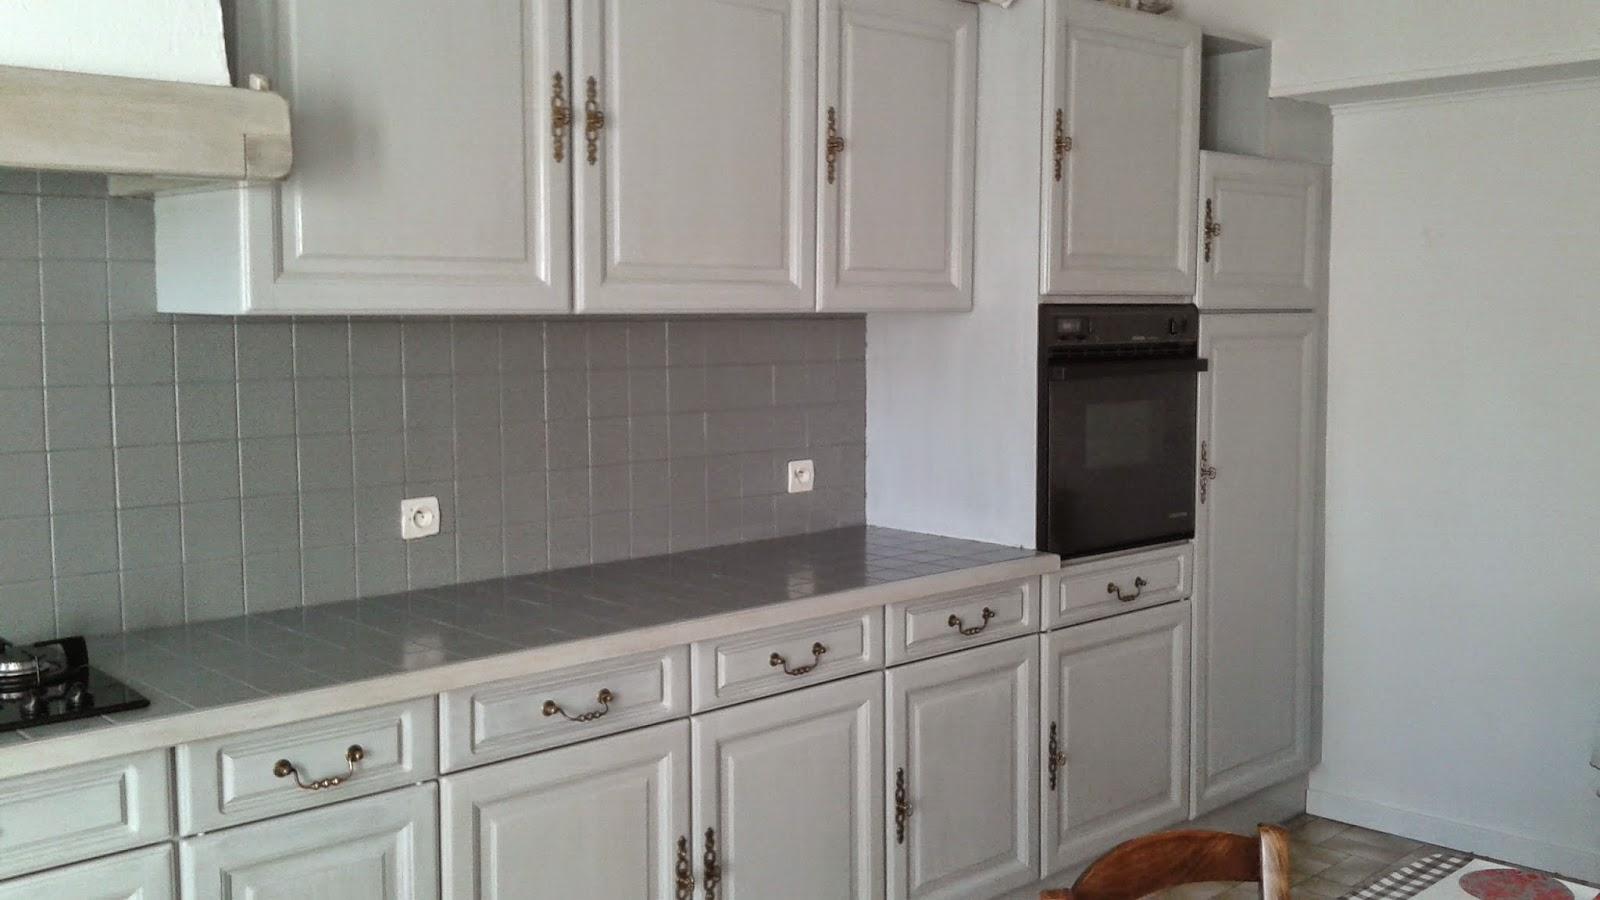 la sourigolote cuisine et si on changeait tout. Black Bedroom Furniture Sets. Home Design Ideas